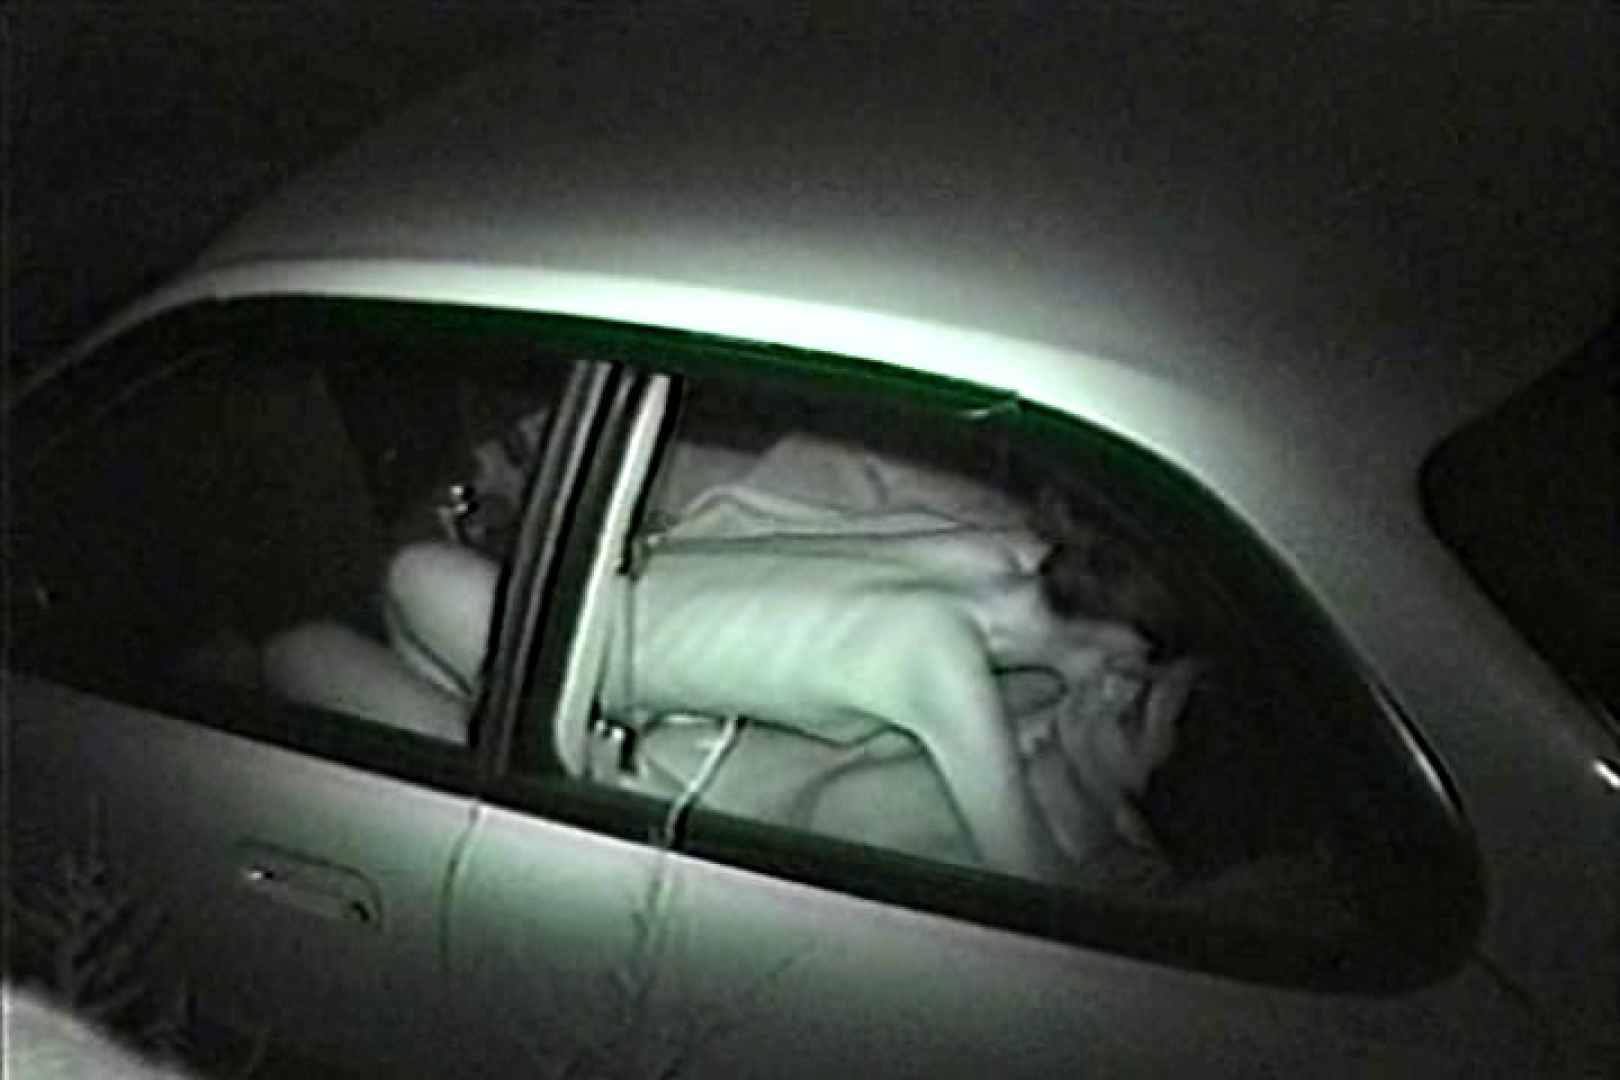 車の中はラブホテル 無修正版  Vol.7 美女OL AV無料 60連発 2